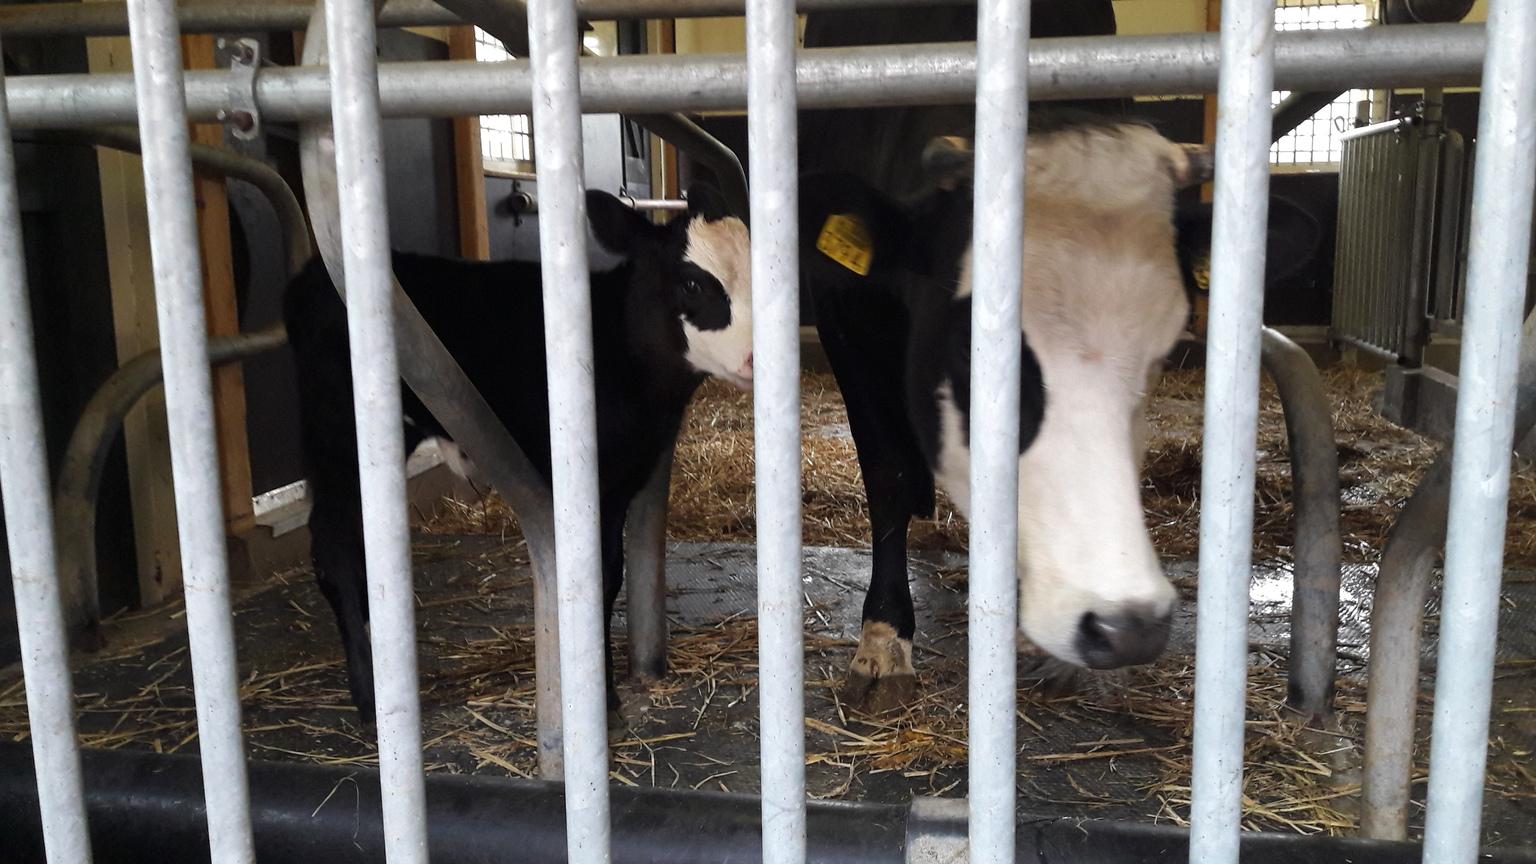 ik zie je wel - de hele stal voor jezelf en je kind, de andere 2 koeien staan in het veld, vooral de eerste dagen weken volgt het kalf de moeder overal. en  bij ons  - foto door RolandvanTol op 15-04-2021 - locatie: Burgemeester Bruins Slotsingel 11, 2403 NC Alphen aan den Rijn, Nederland - deze foto bevat: kalf, koe, jong, hek, stal, nieuwsgierig, wit, werkend dier, lijn, fawn, hek, dierenbenodigdheden, terrestrische dieren, snuit, vee, onderhoud